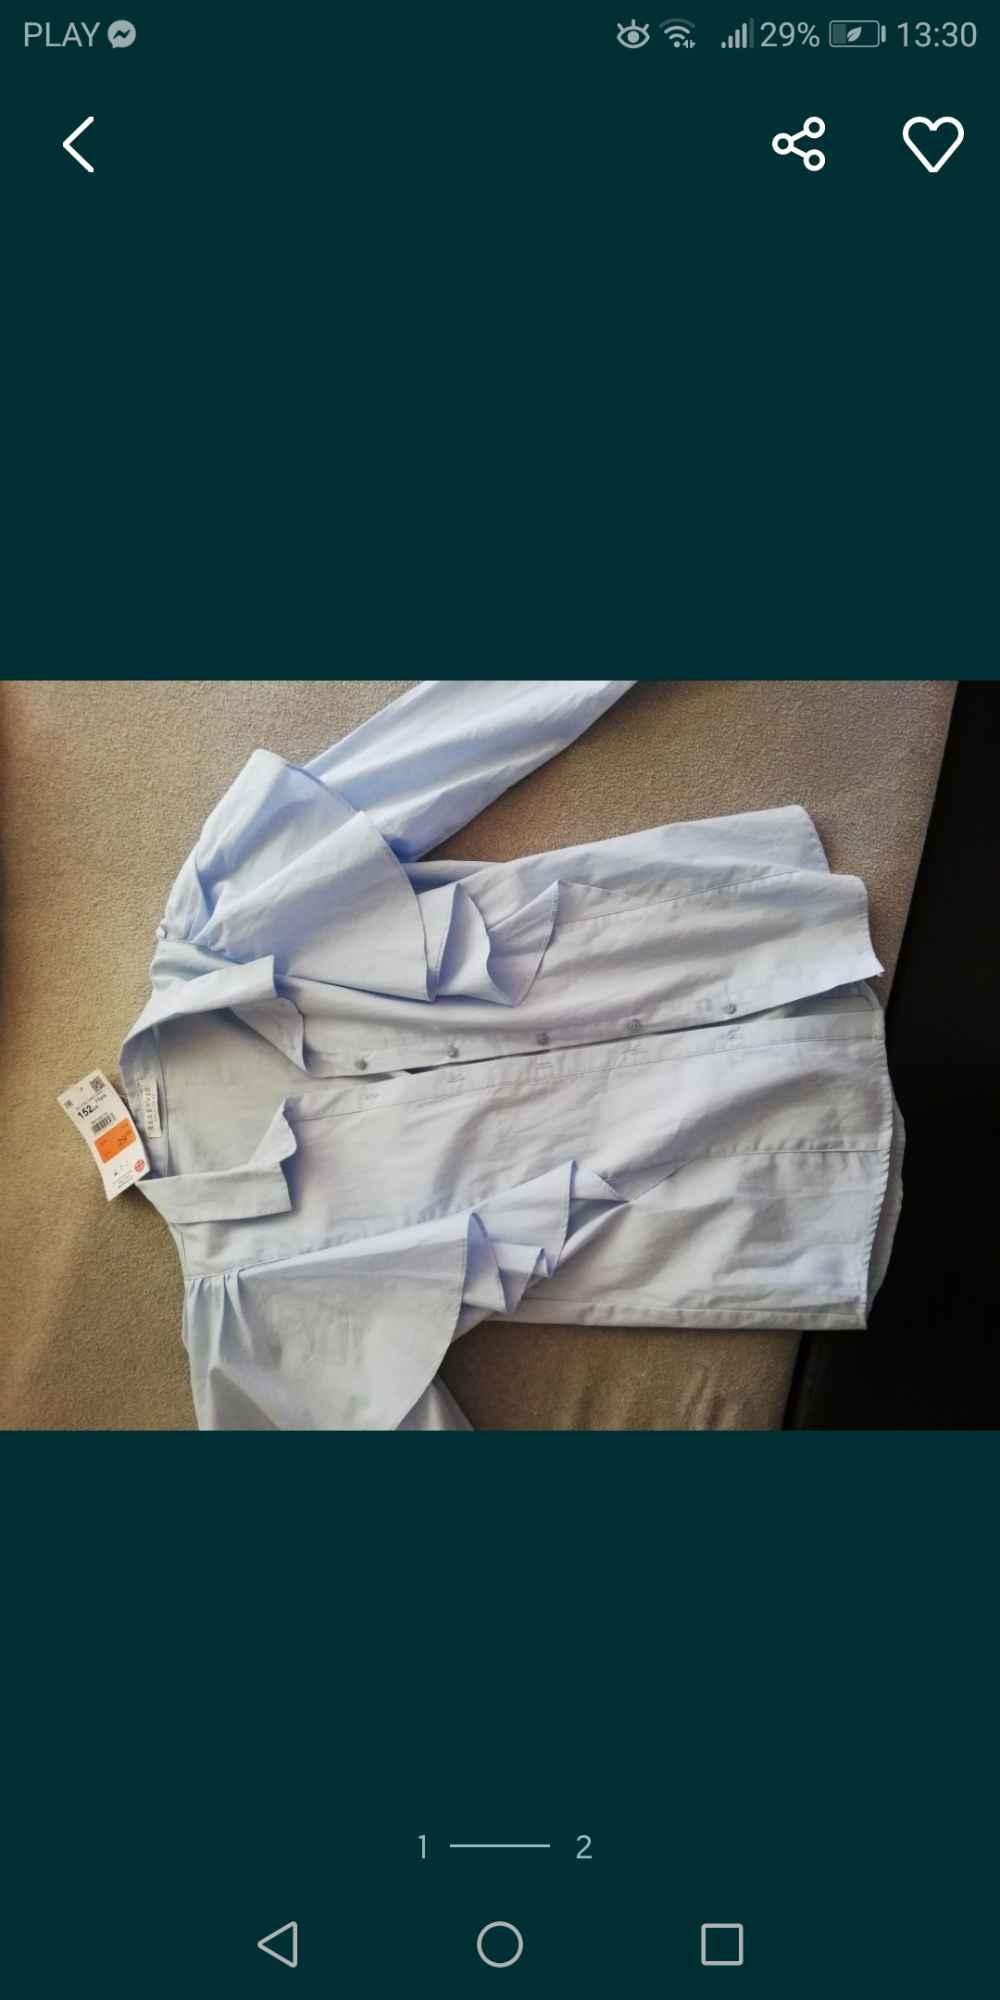 Sprzedam ubrania Syców - zdjęcie 4